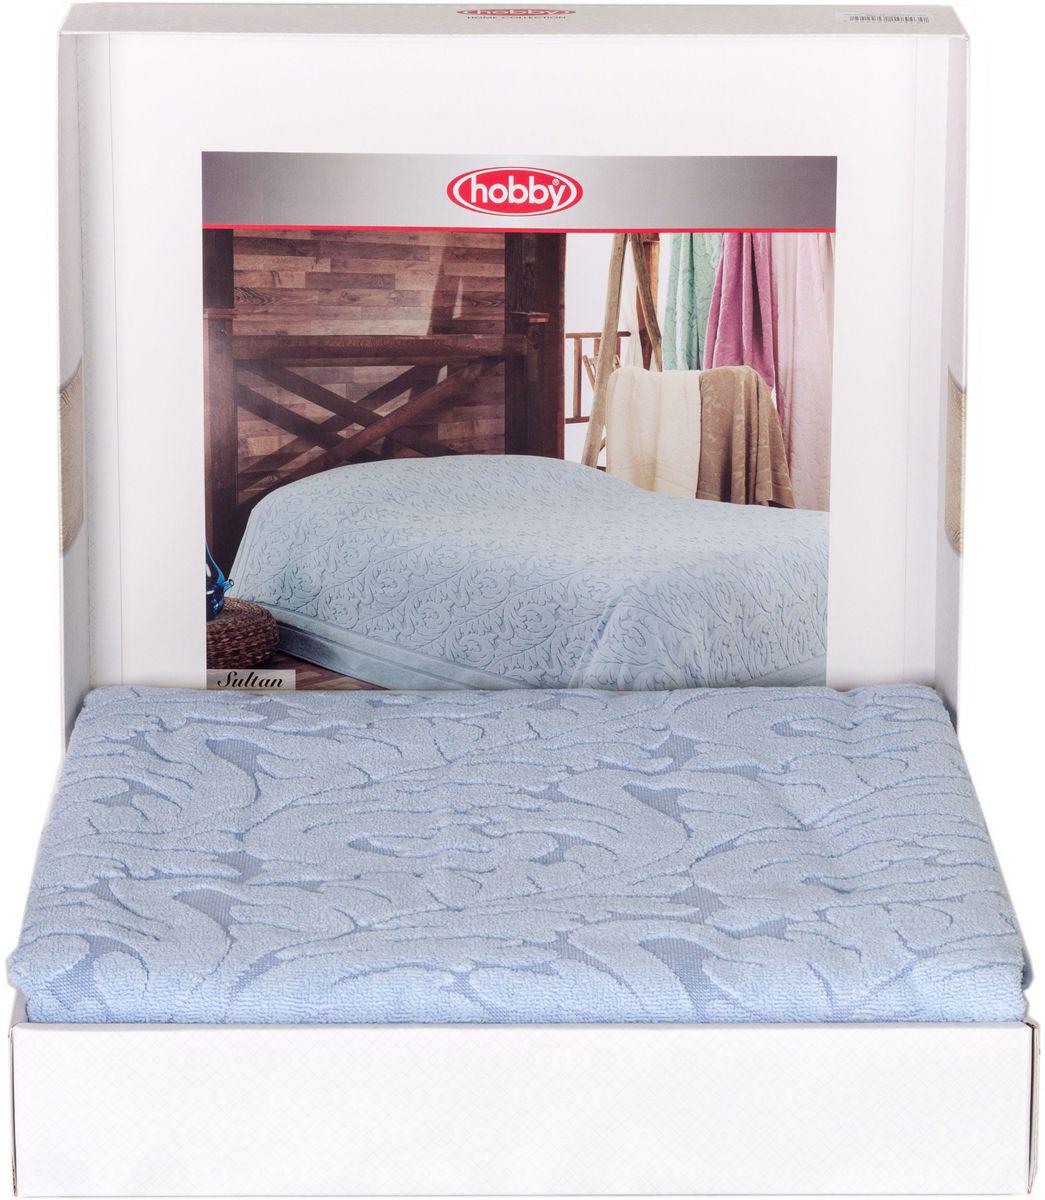 Покрывало Hobby Home Collection Sultan, цвет: голубой, 200 х 220 см1004900000360Шикарное покрывало Hobby Home Collection Sultan изготовлено из 100% хлопка высшей категории. Оно обладает замечательными дышащими свойствами и будет хорошо смотреться как на диване, так и на большой кровати. Данное покрывало можно также использовать в качестве одеяла.